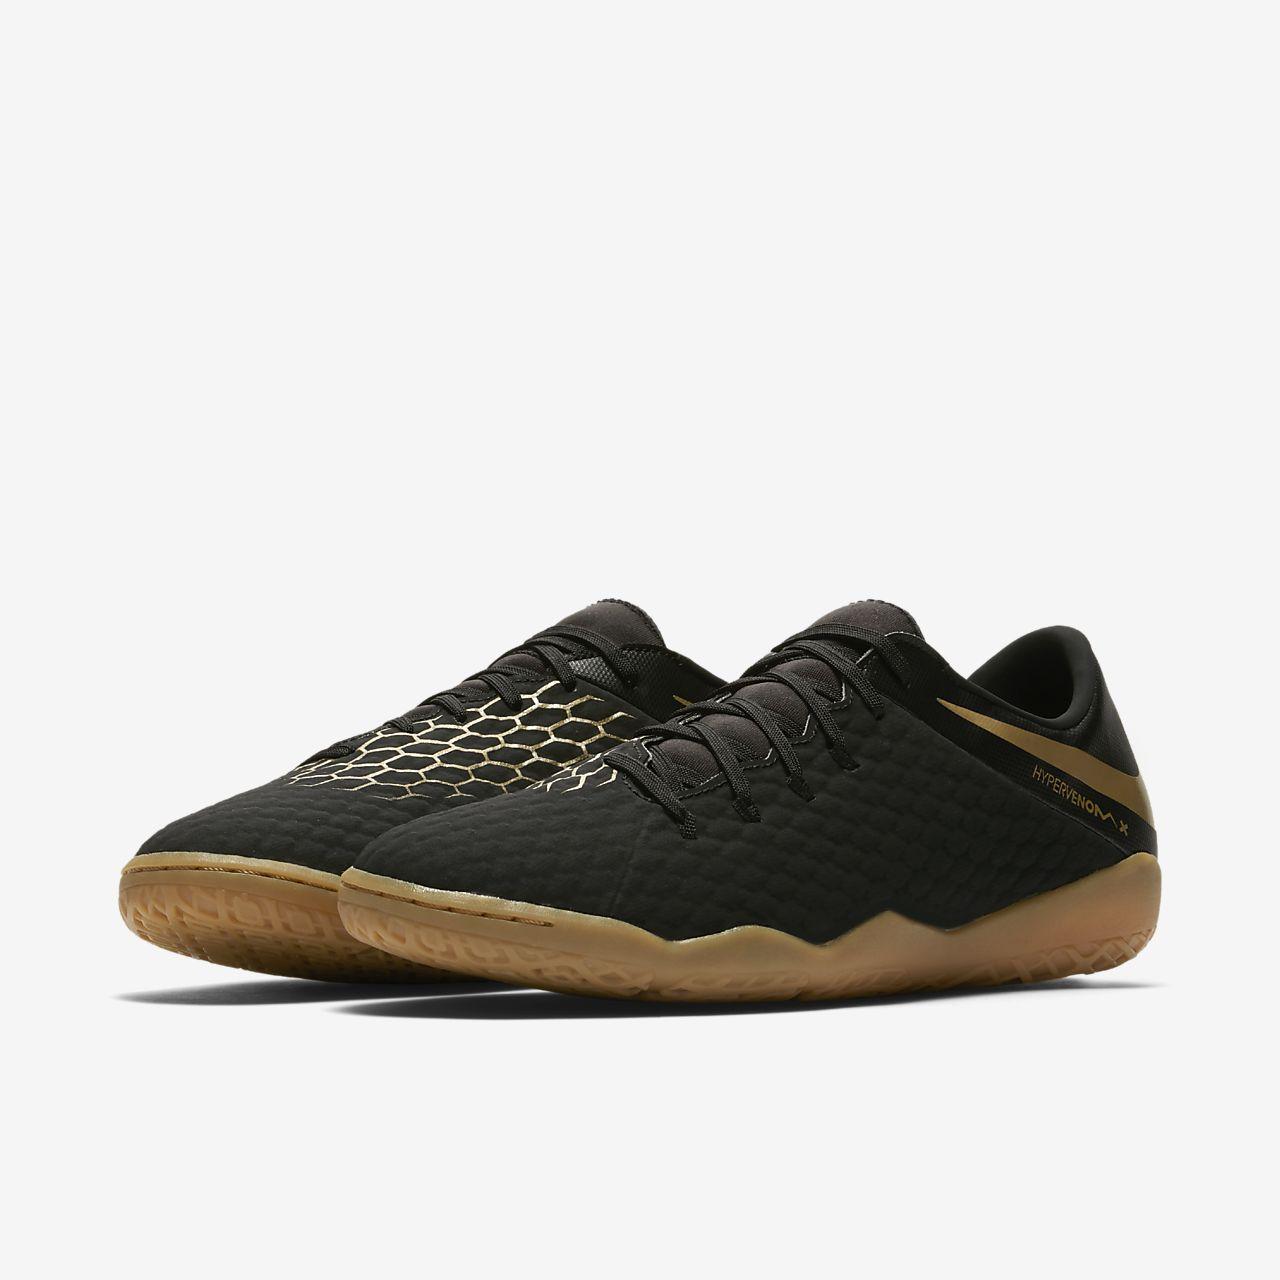 Nike Football Hypervenom Phantomx 3 Formateurs D'intérieur En Aj3814-090 Noir - Noir qZyTgX